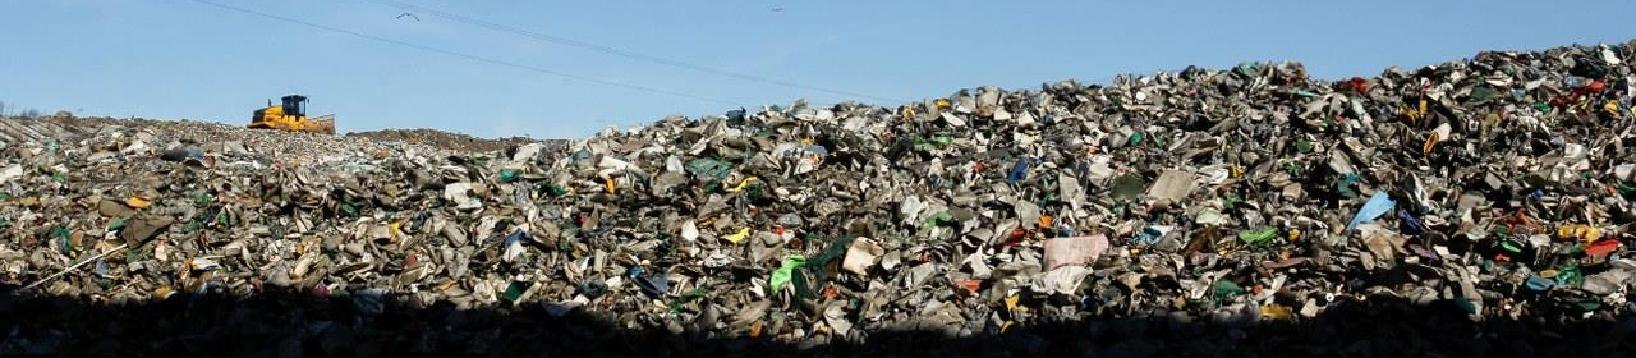 banner-waste